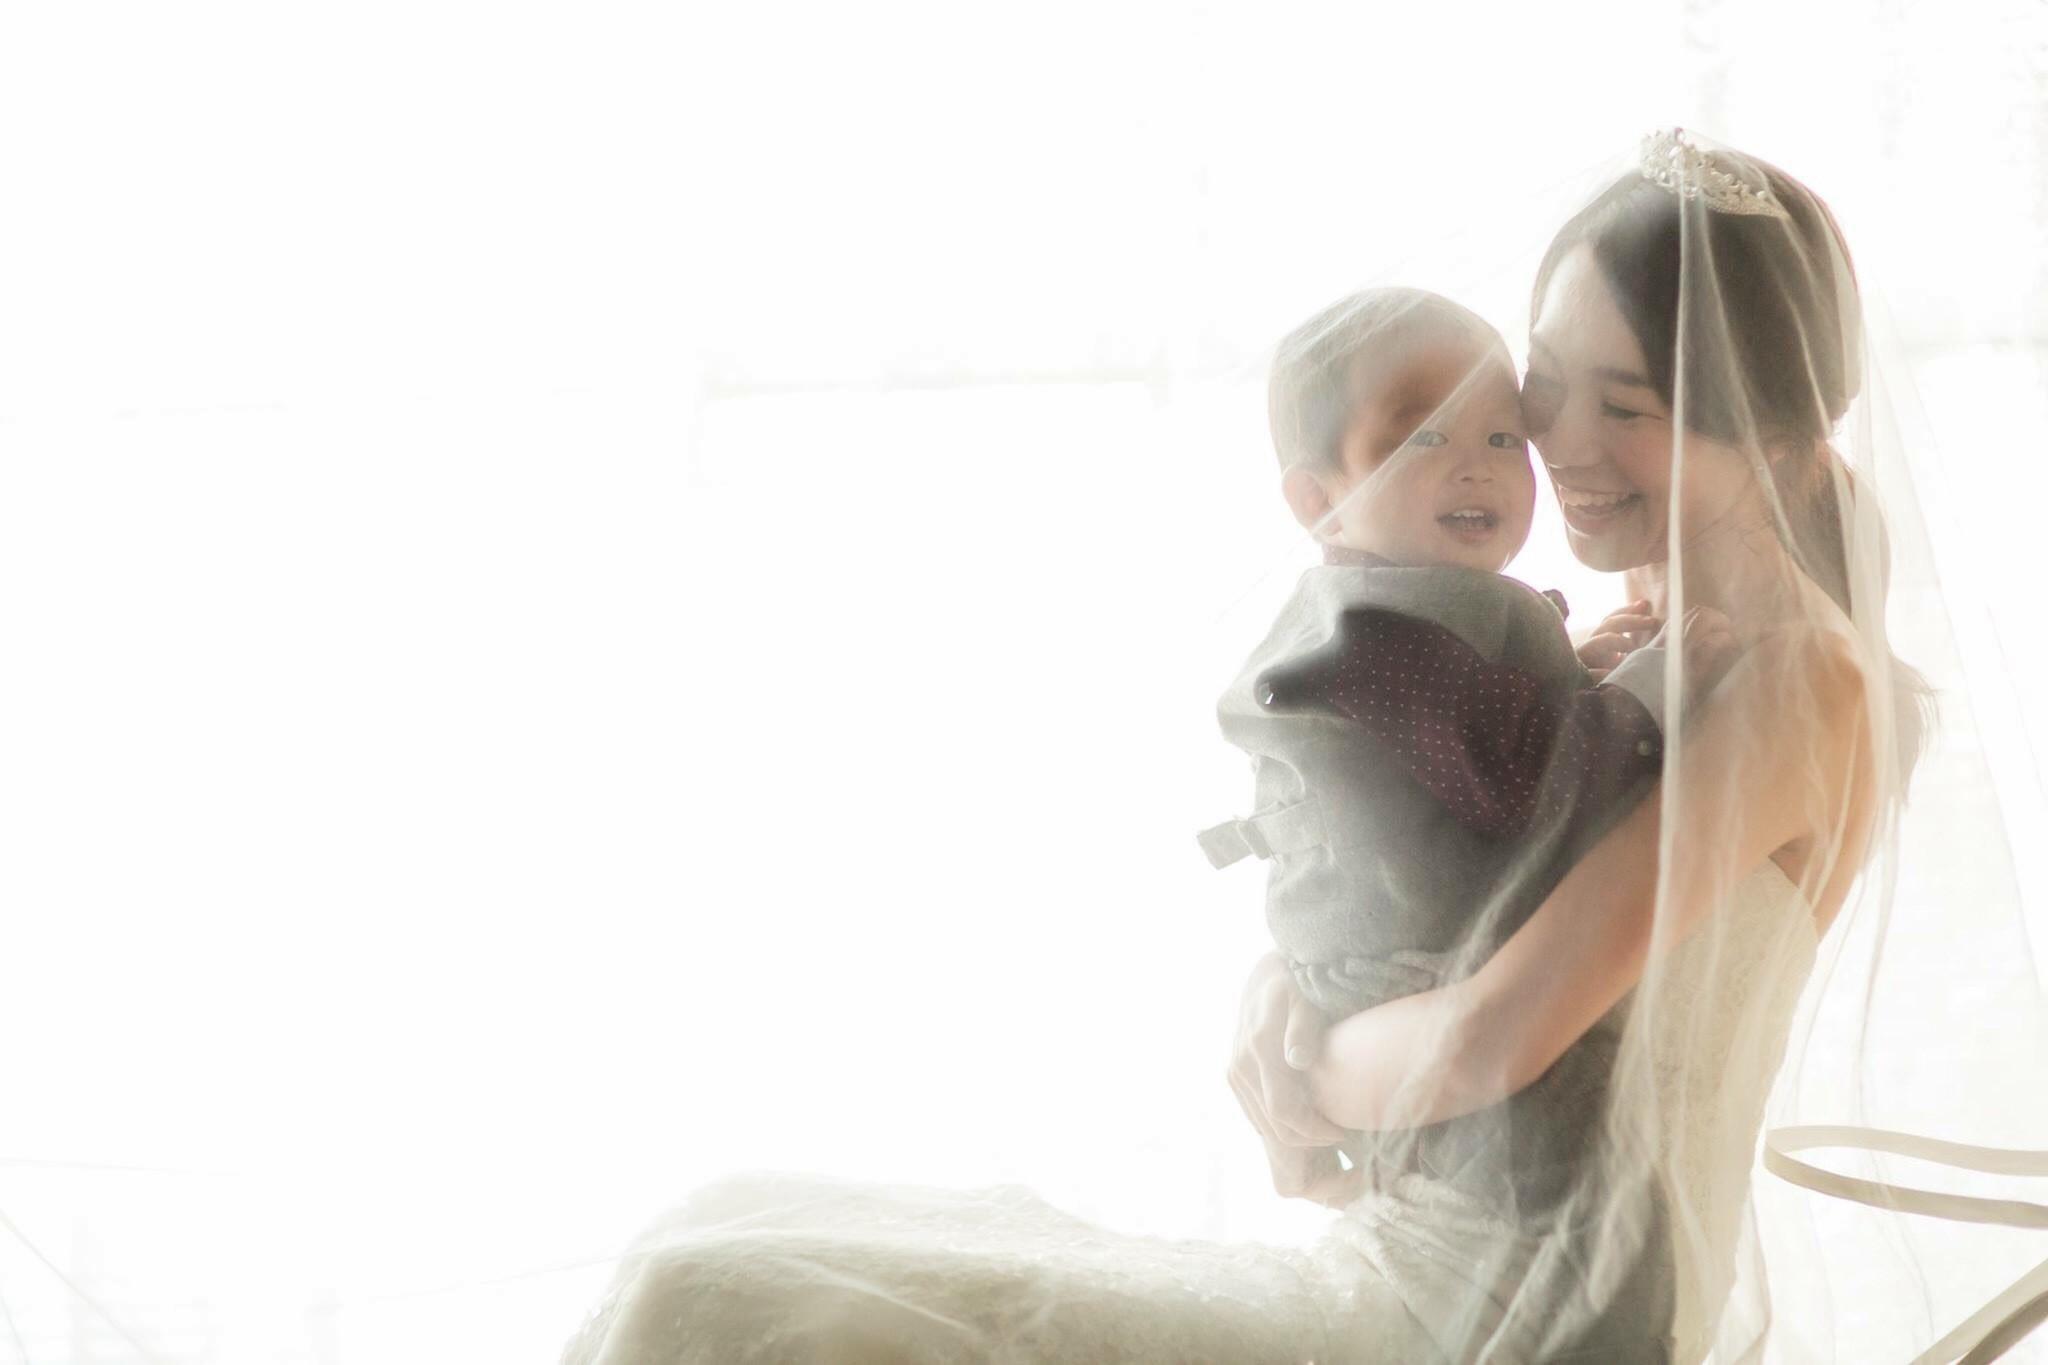 優しい雰囲気で撮りたかったので背景は白にしたそう。自然光とベールに包まれた、愛情あふれる一枚。/息子さんとのベールイン